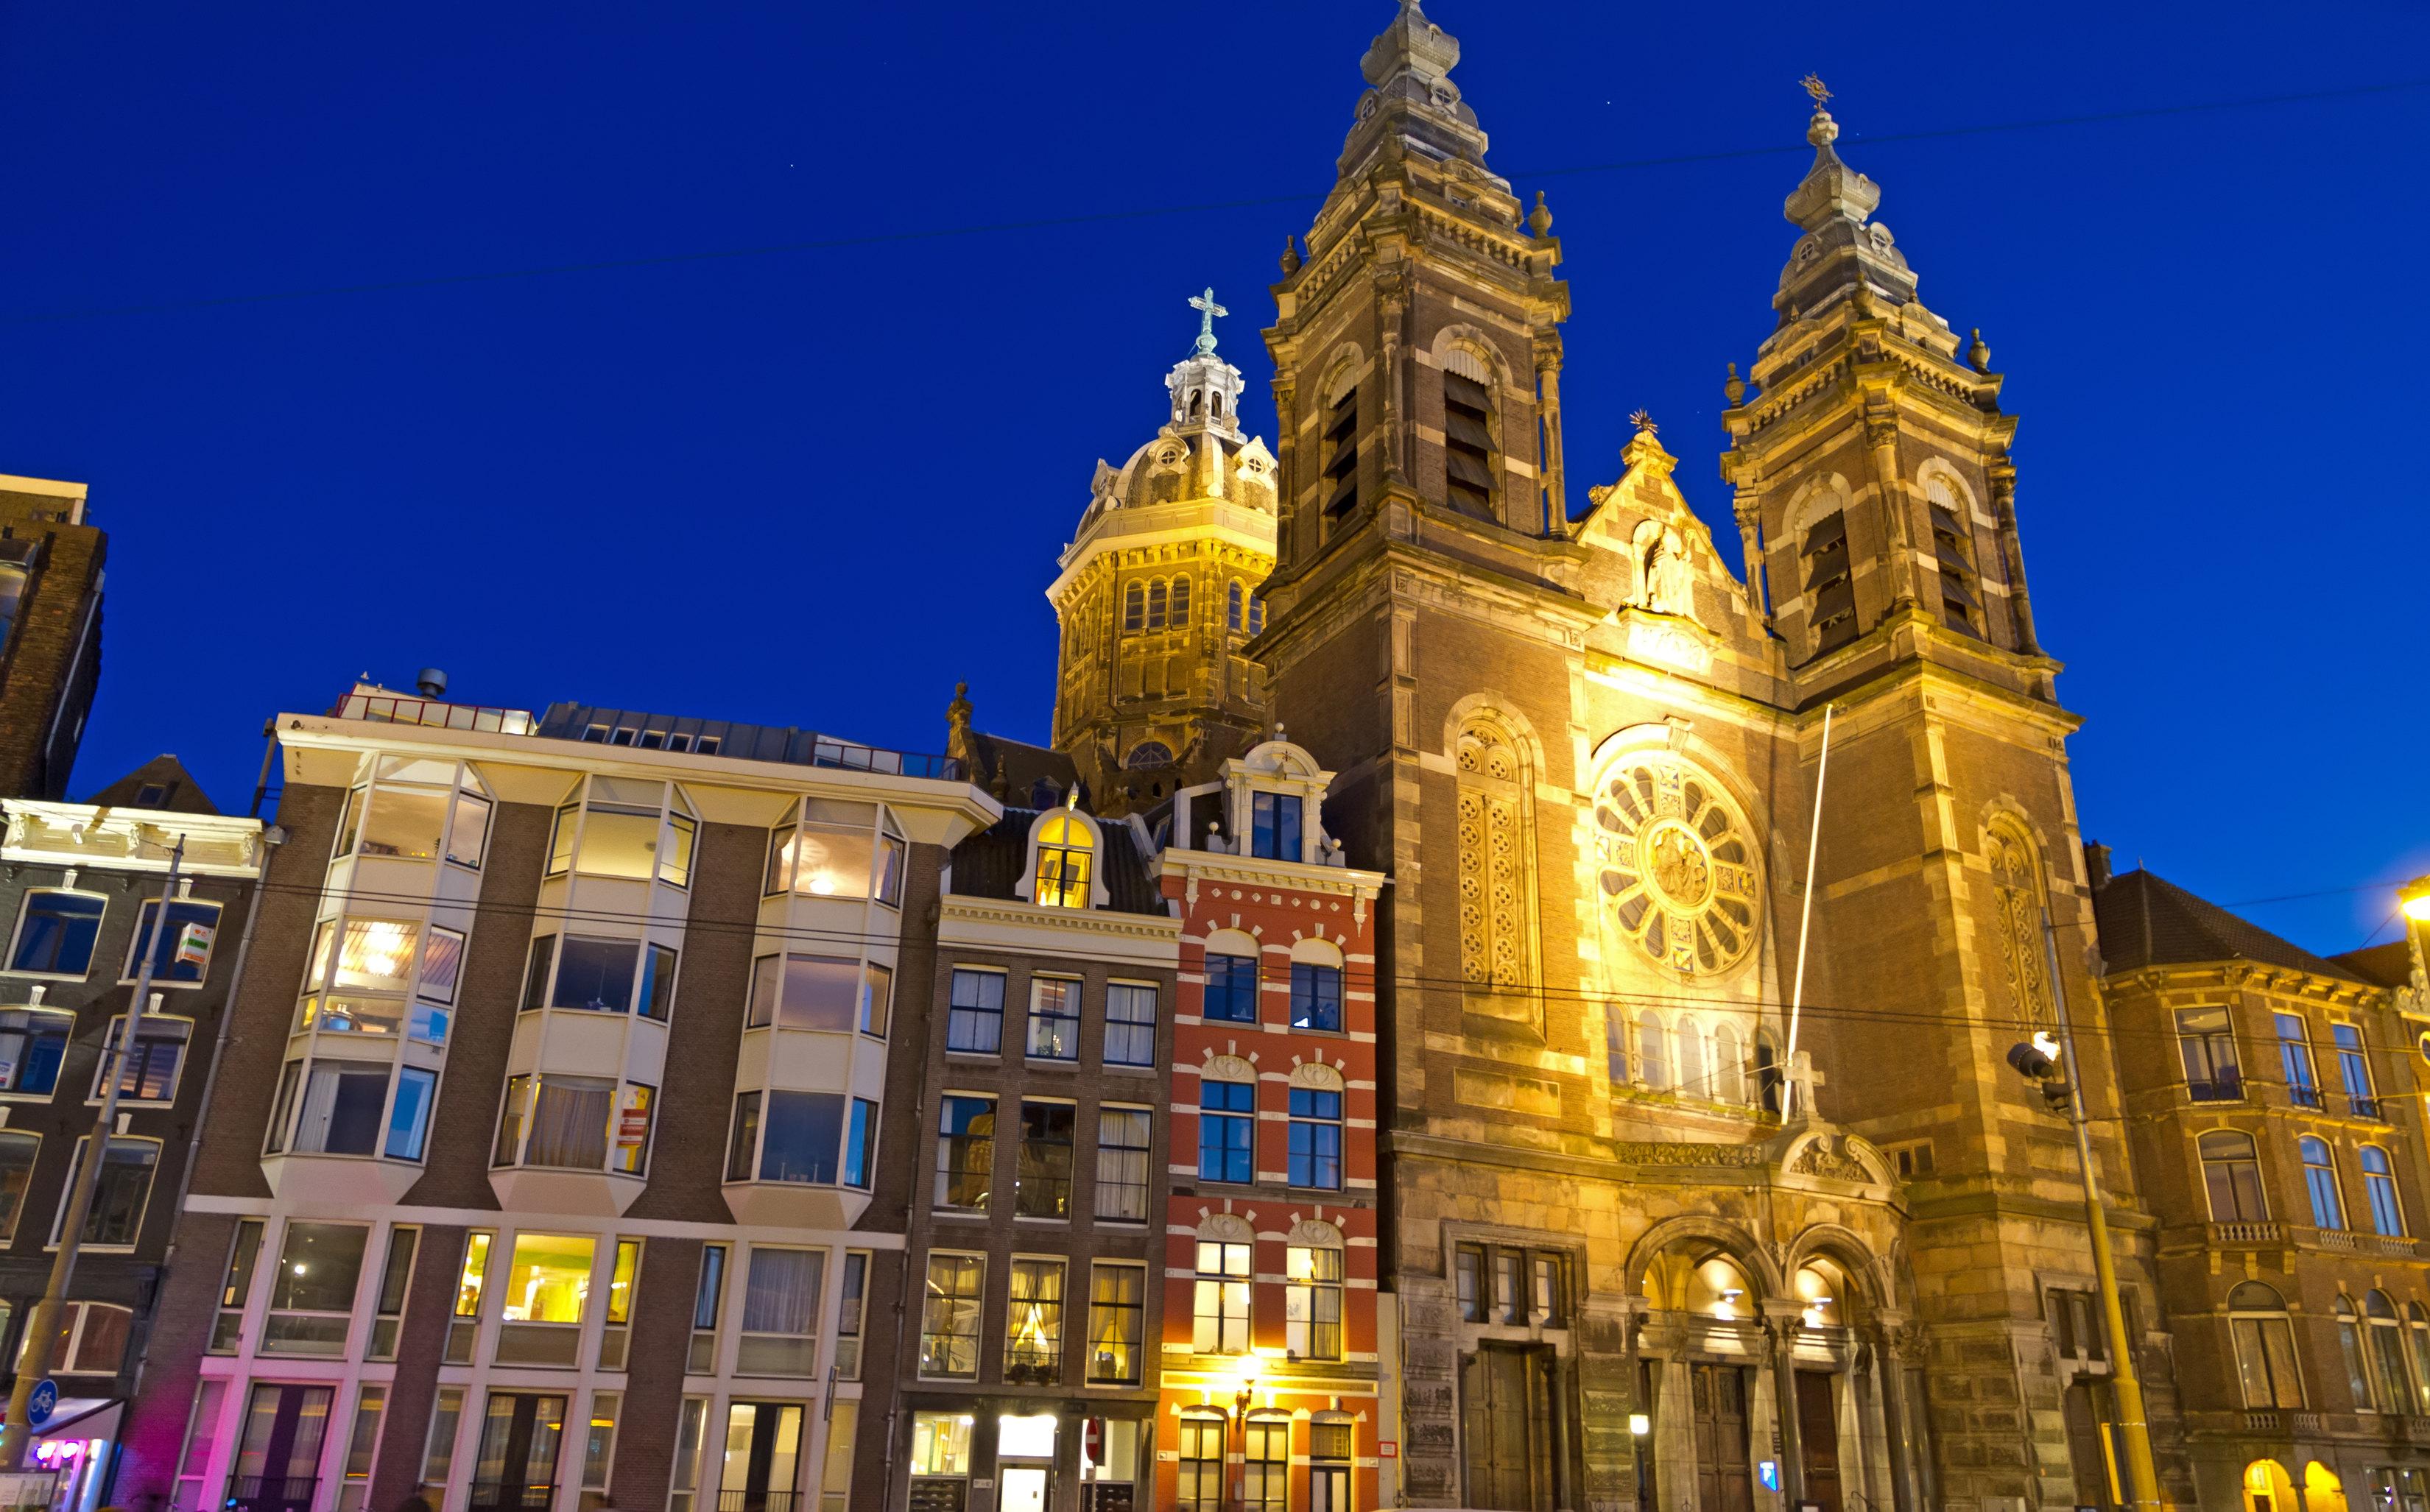 阿姆斯特丹圣尼古拉斯教堂  Church of Saint Nicholas   -4